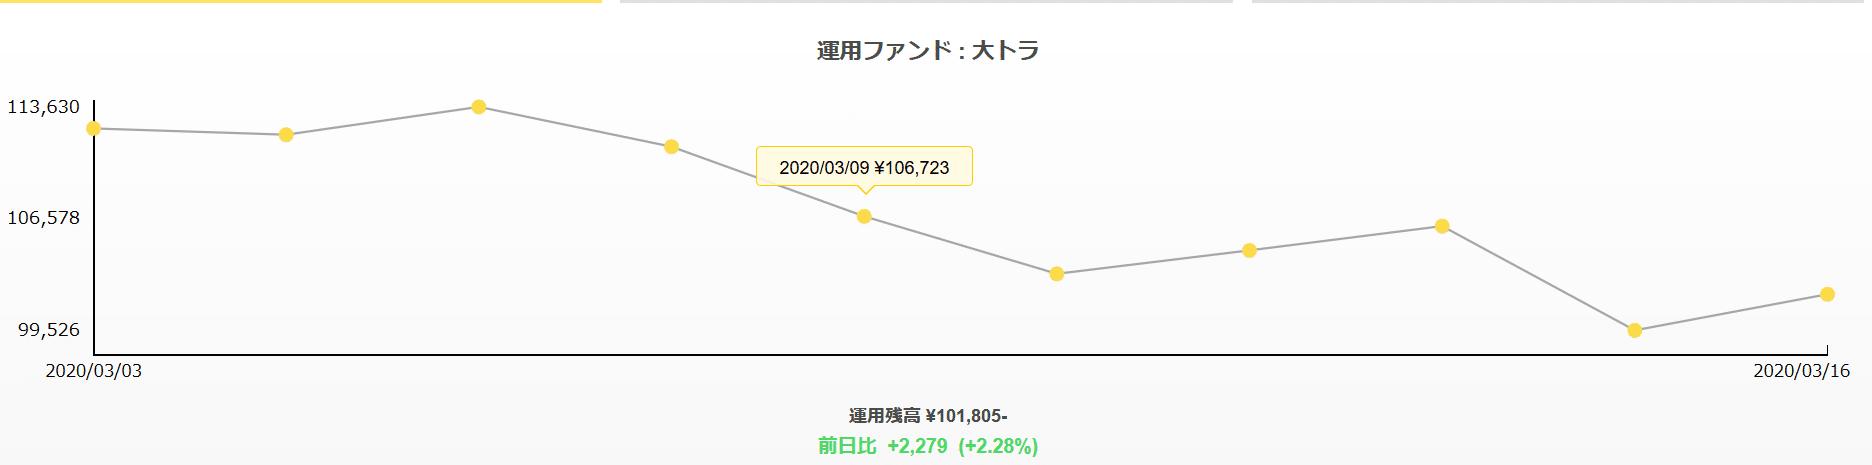 2020年3月18日-トラノコ運用実績